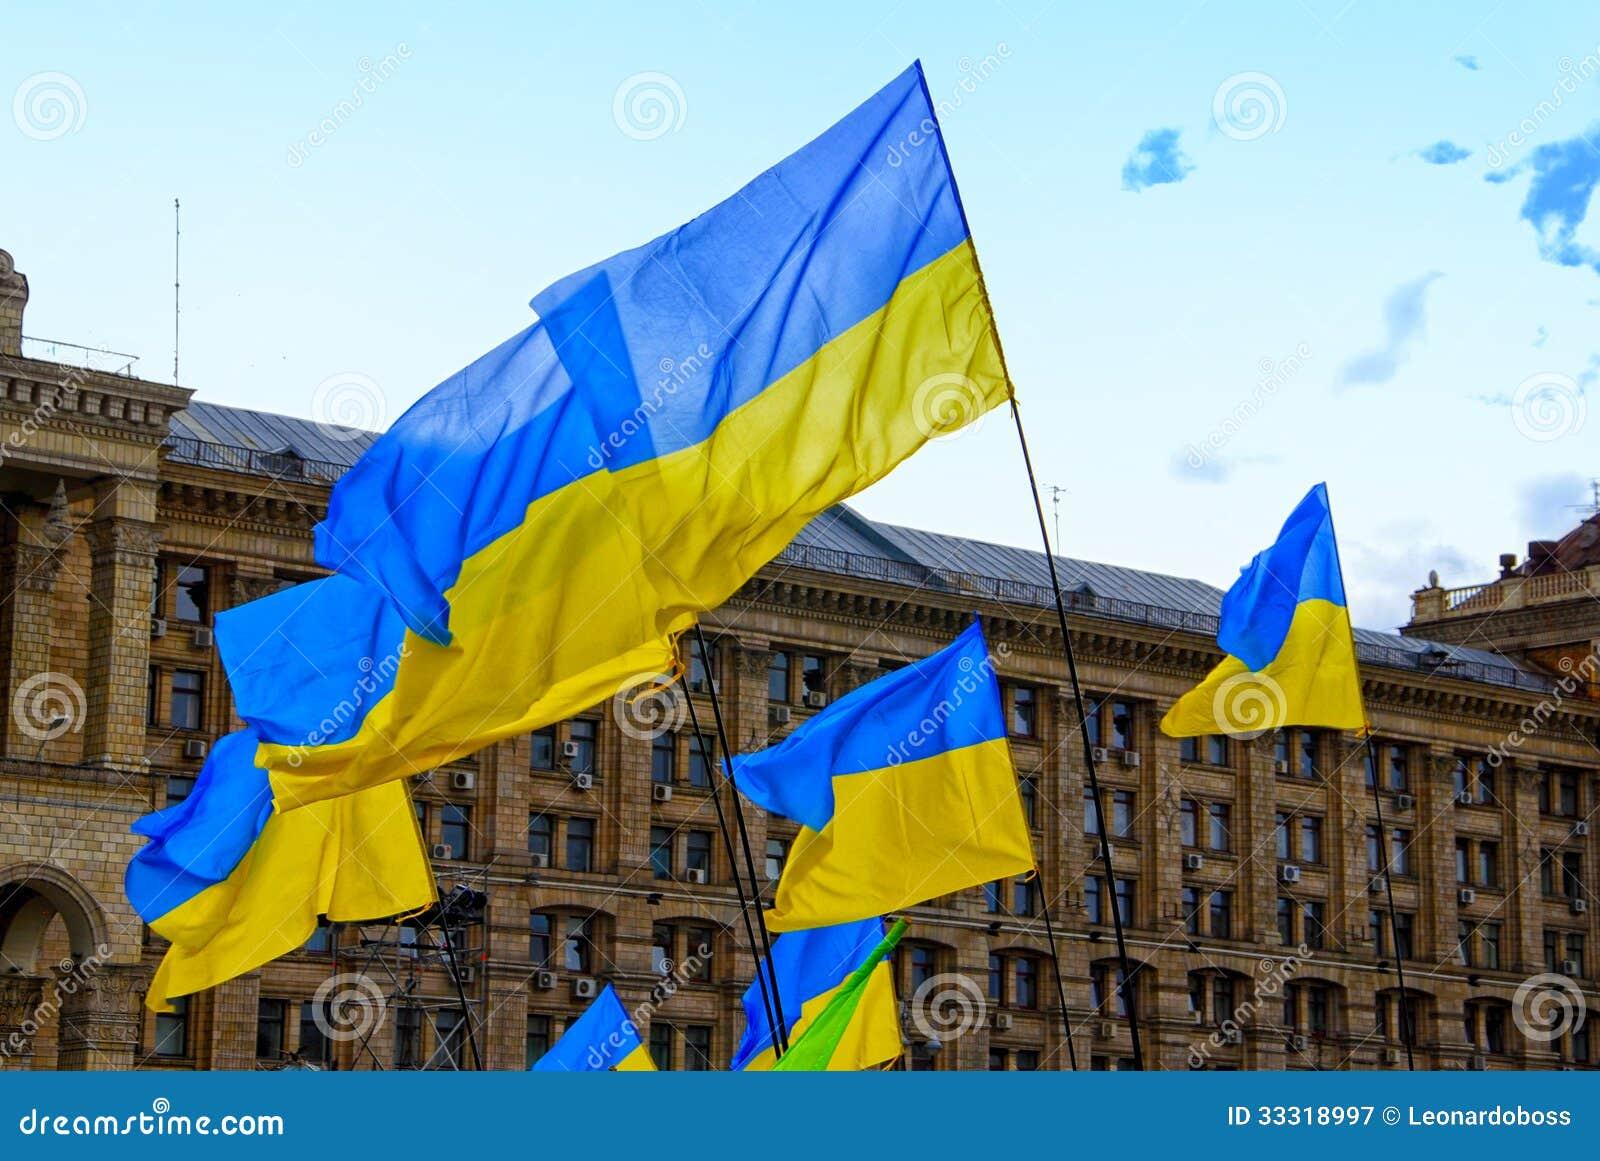 Drapeaux de l Ukraine